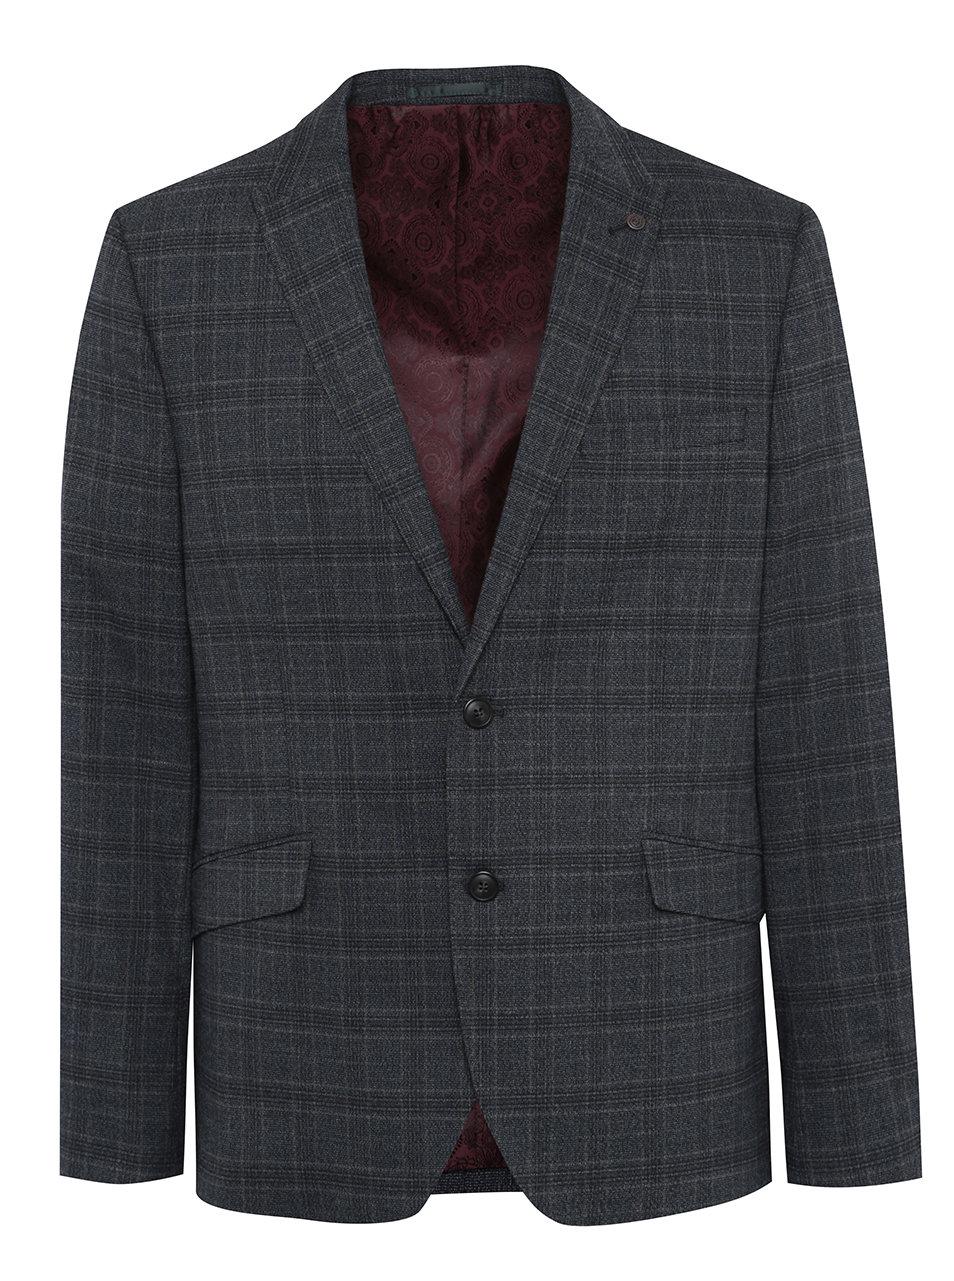 Tmavě šedé kostkované oblekové slim sako Burton Menswear London